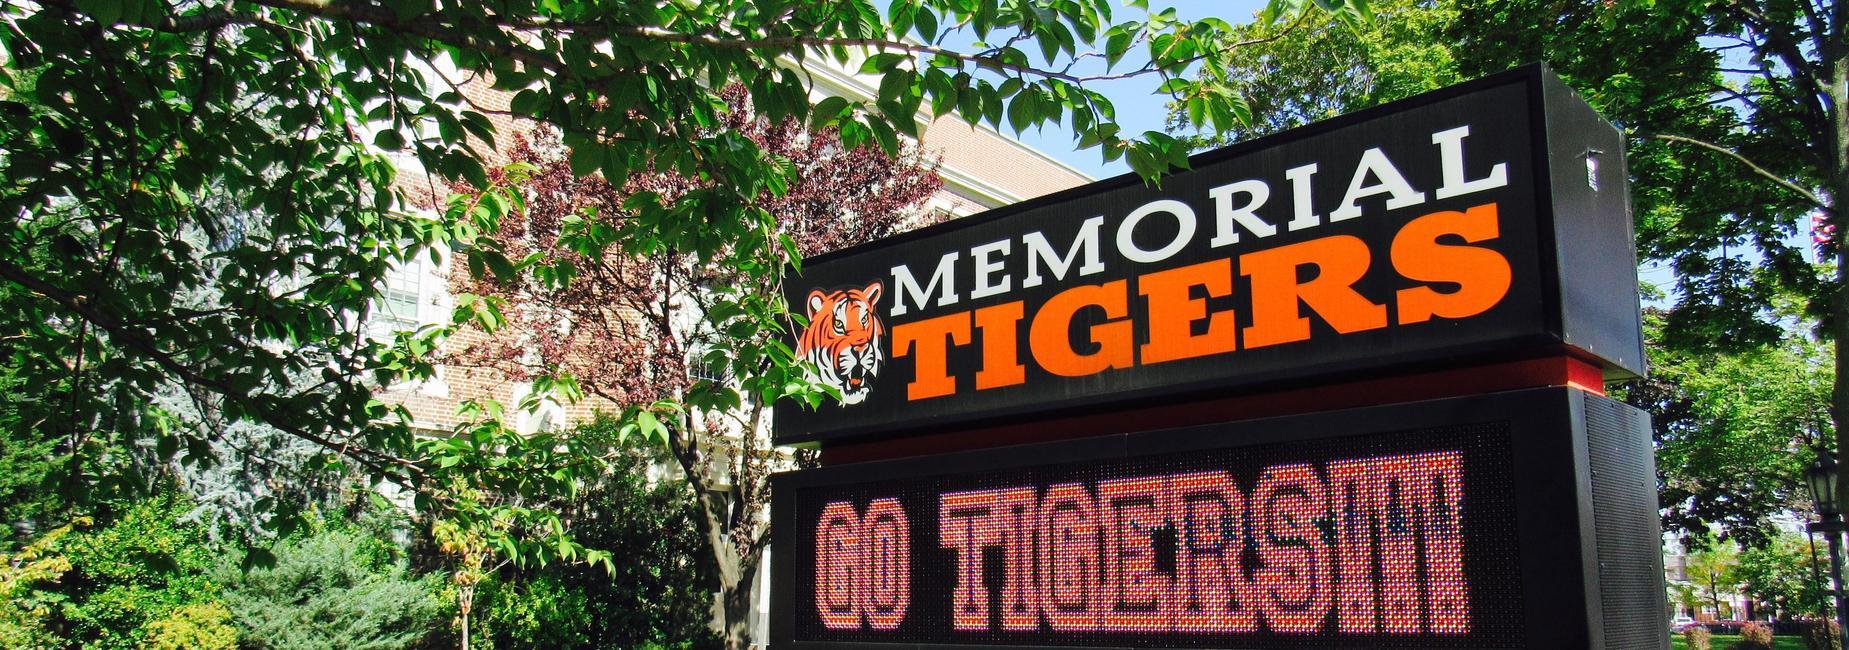 memorial go tigers